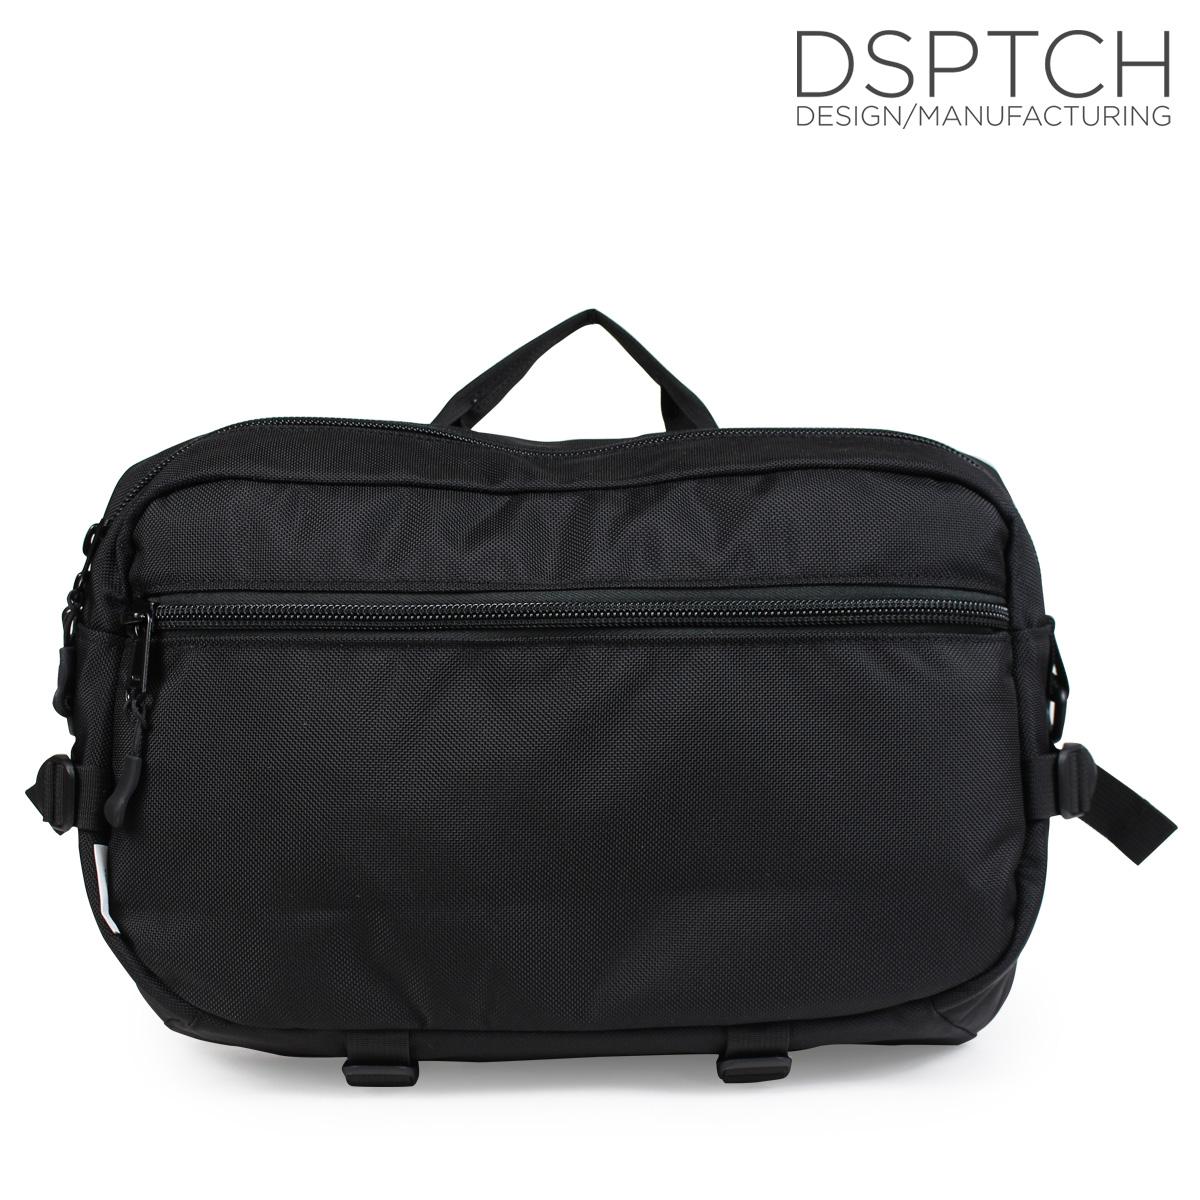 ディスパッチ DSPTCH バッグ ショルダーバッグ SLINGPACK 15L メンズ レディース ブラック PCK-SP [10/9 新入荷]